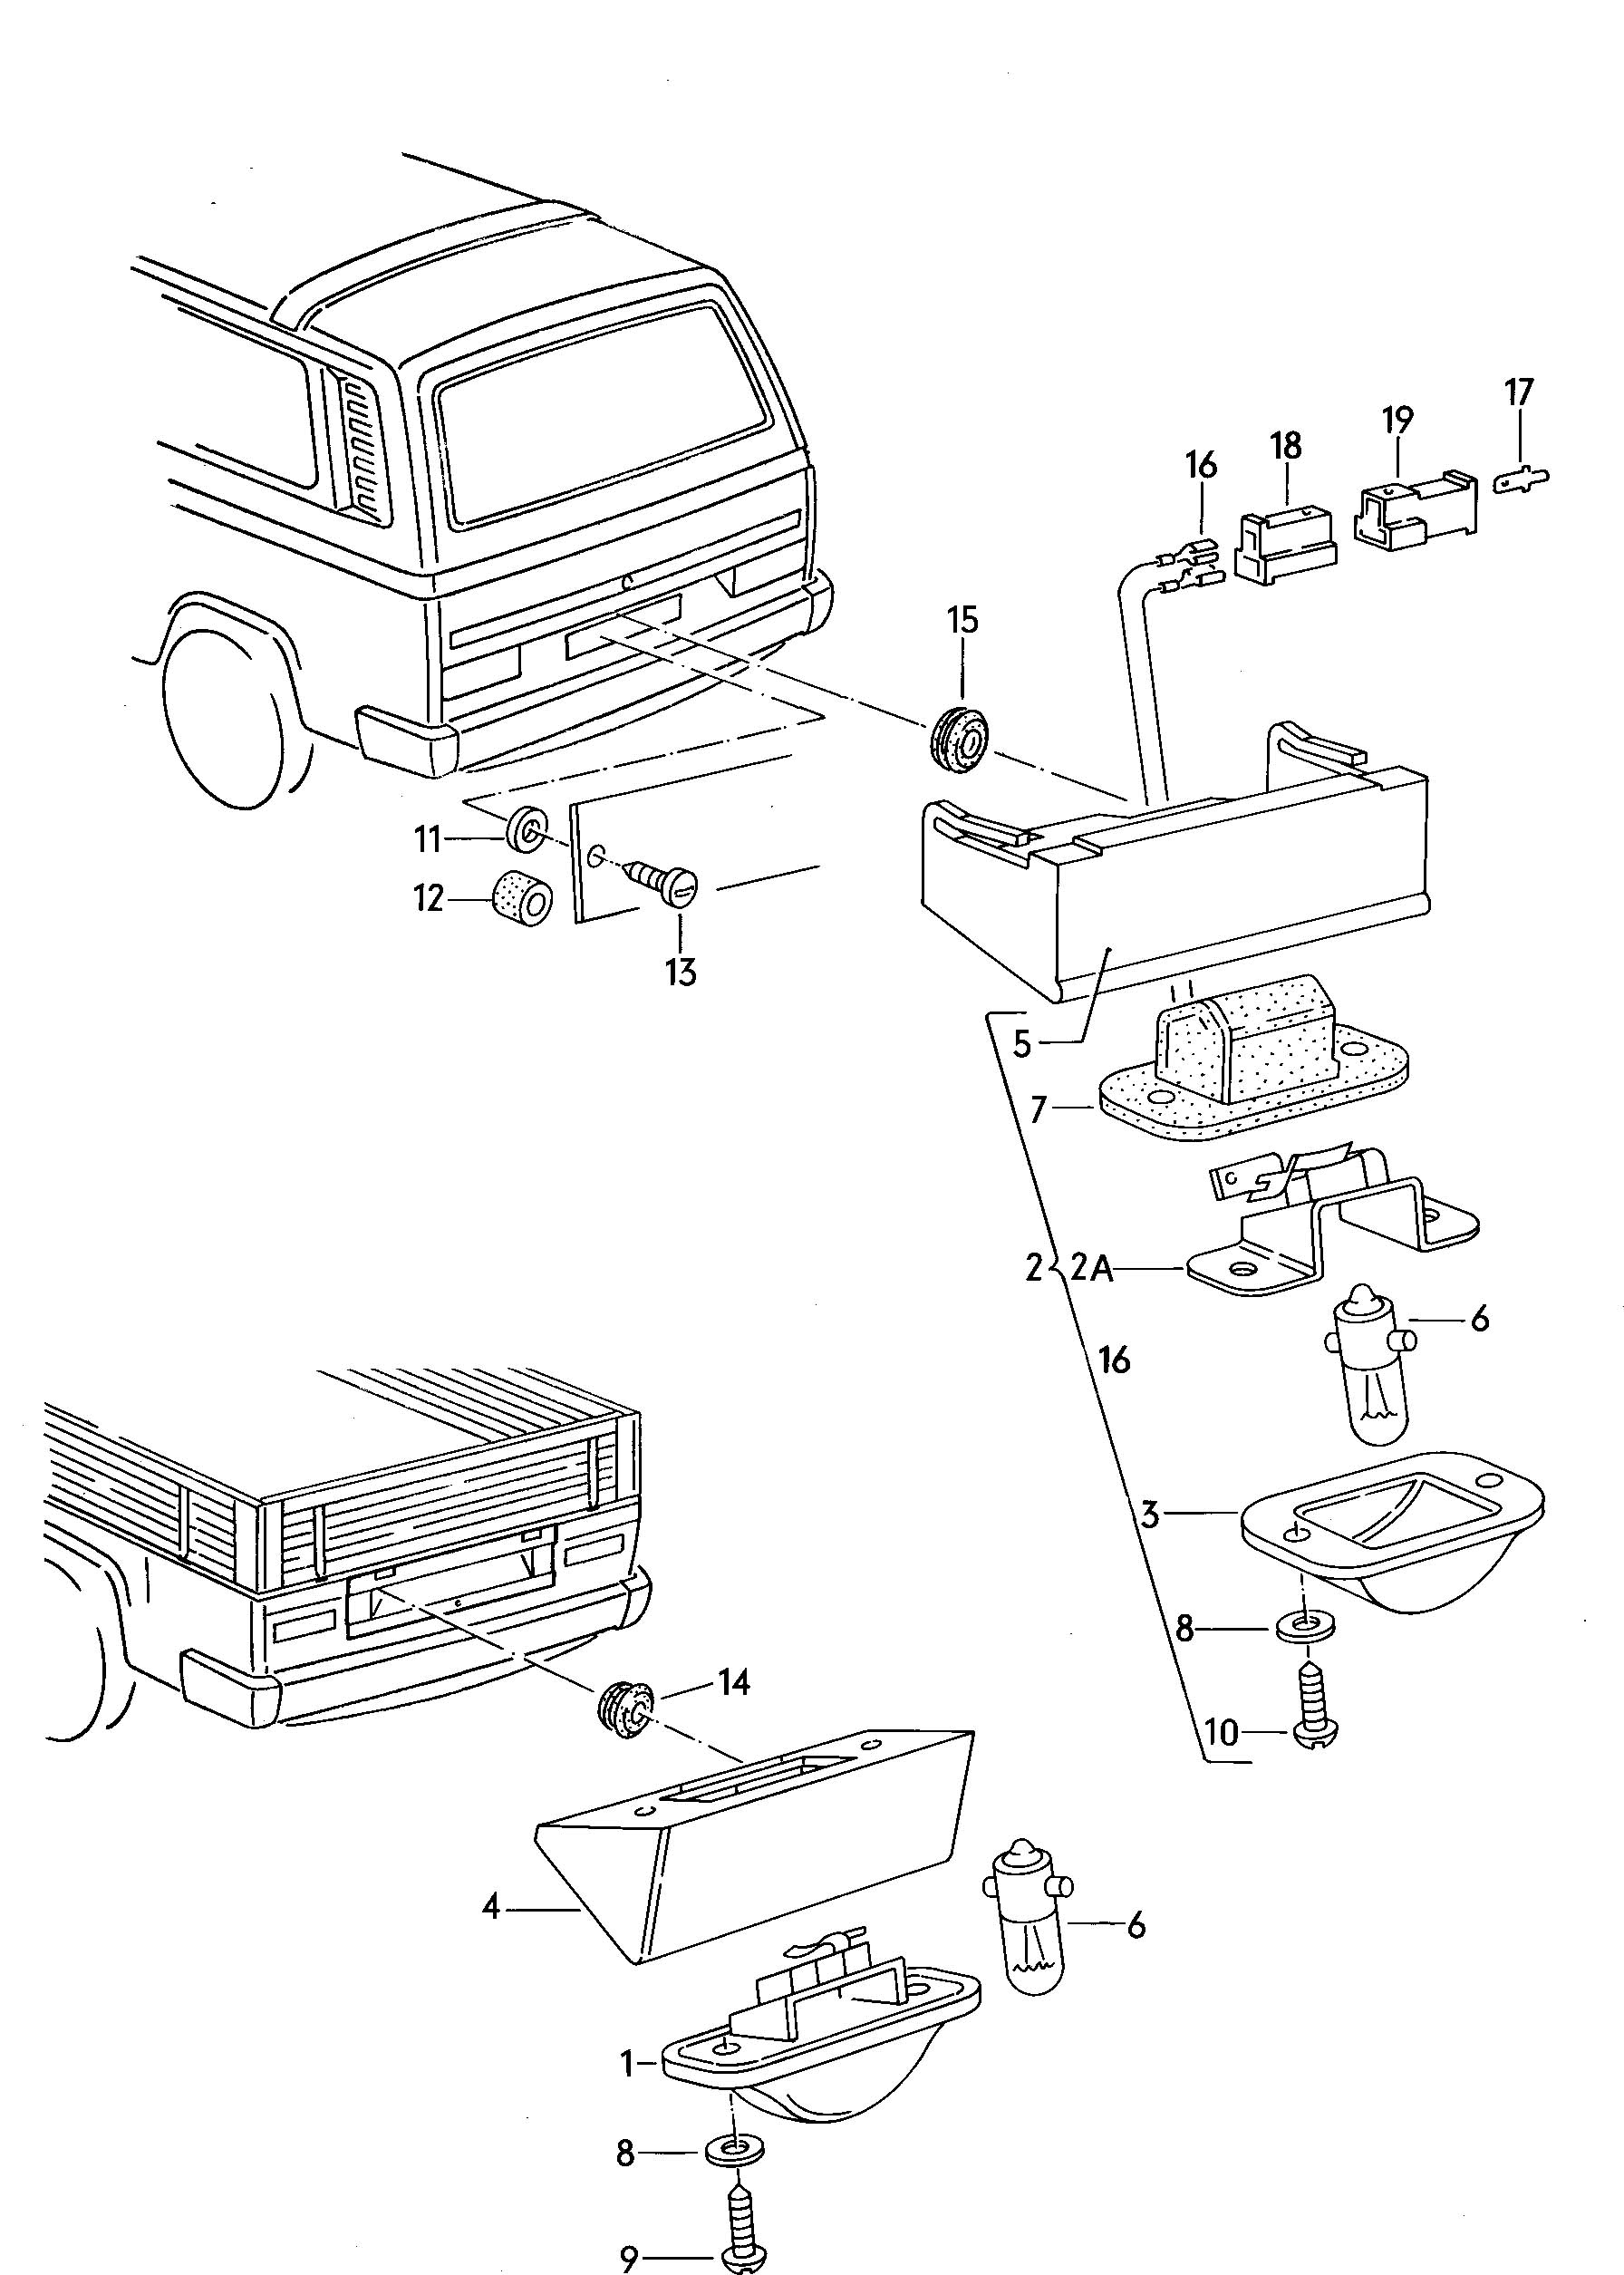 Vw Eos Fuse Box 16. Diagram. Auto Wiring Diagram